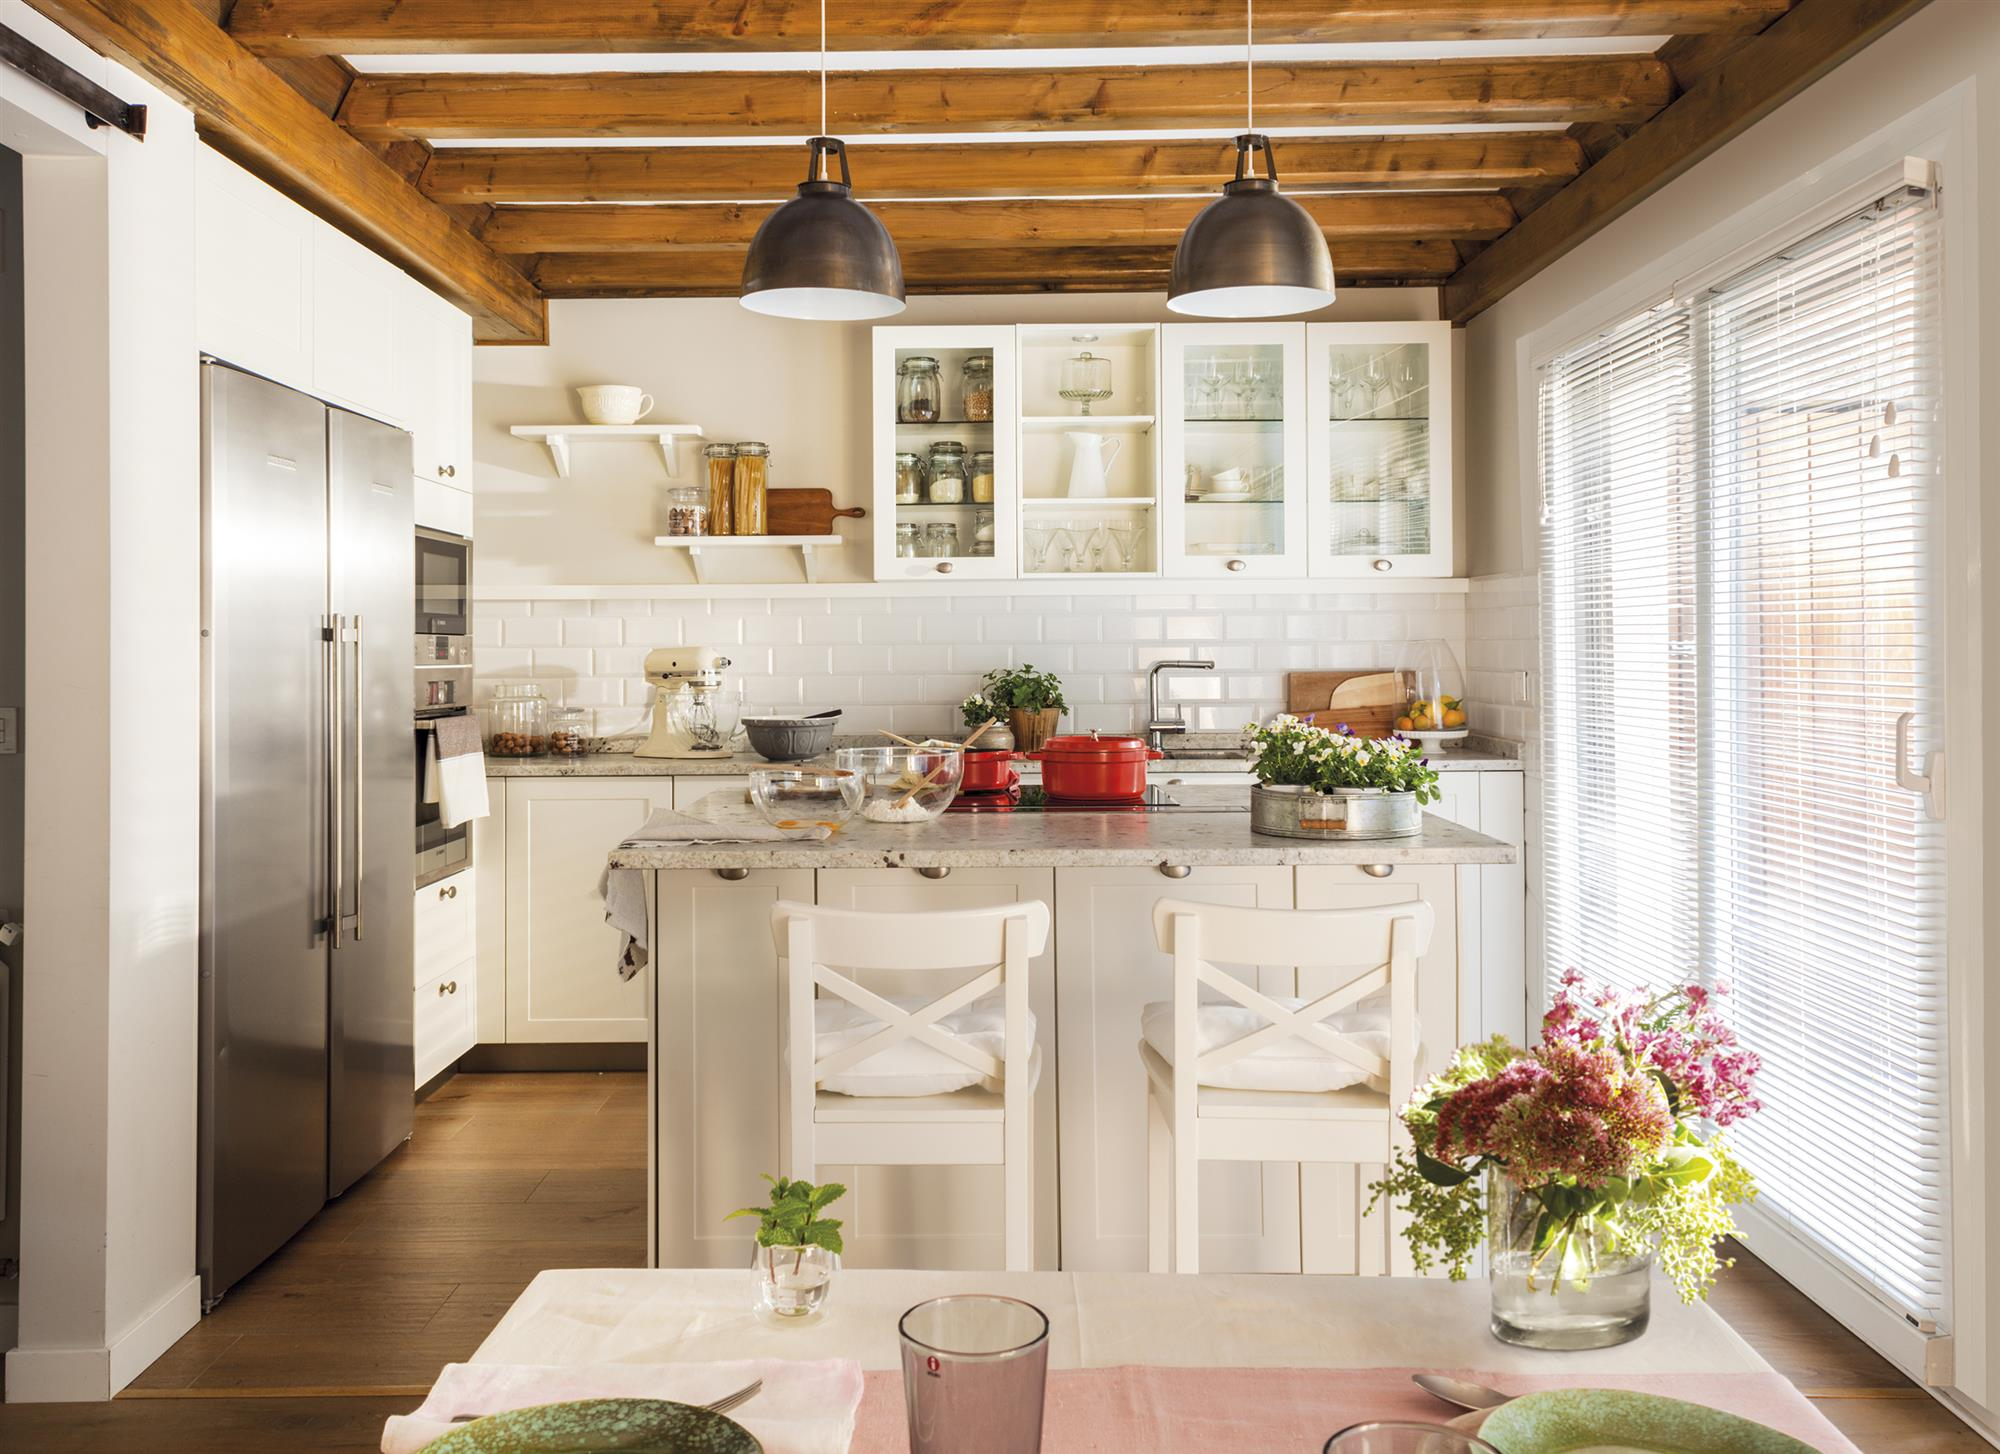 Cocinas muebles decoraci n dise o blancas o peque as for Cocinas campestres pequenas